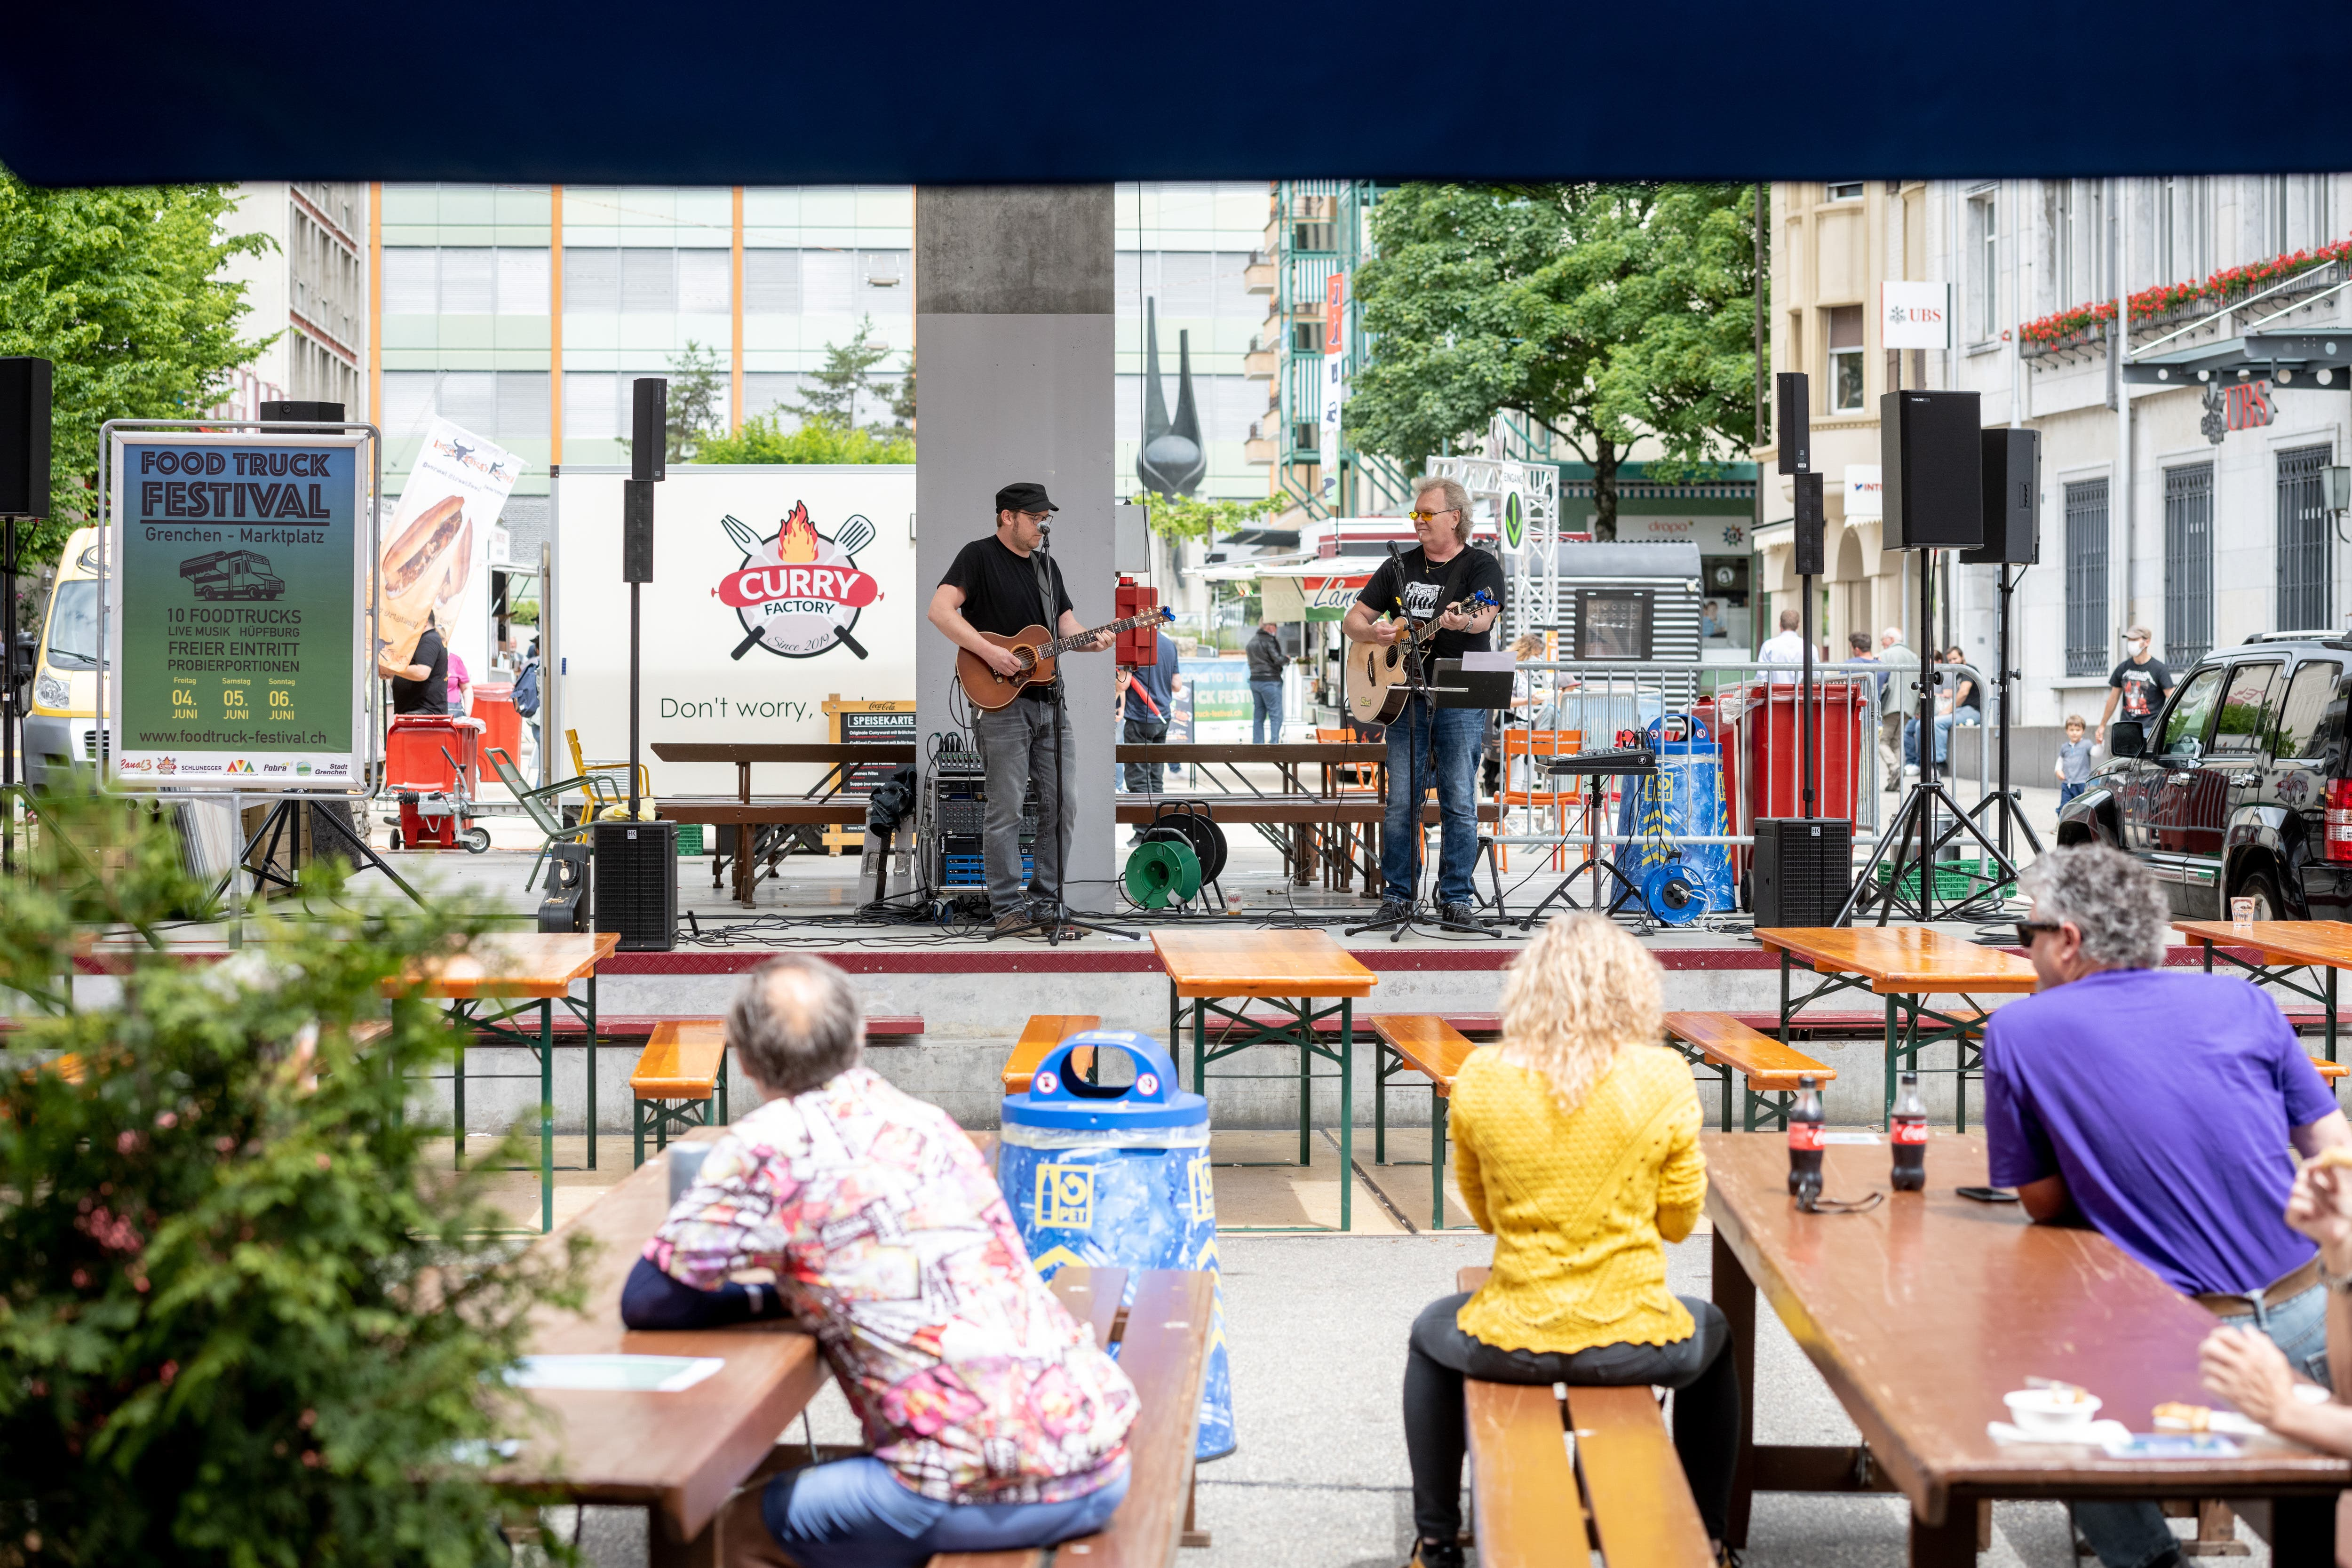 Auch musikalisch kam man am Food-Truck-Festival auf seine Kosten.